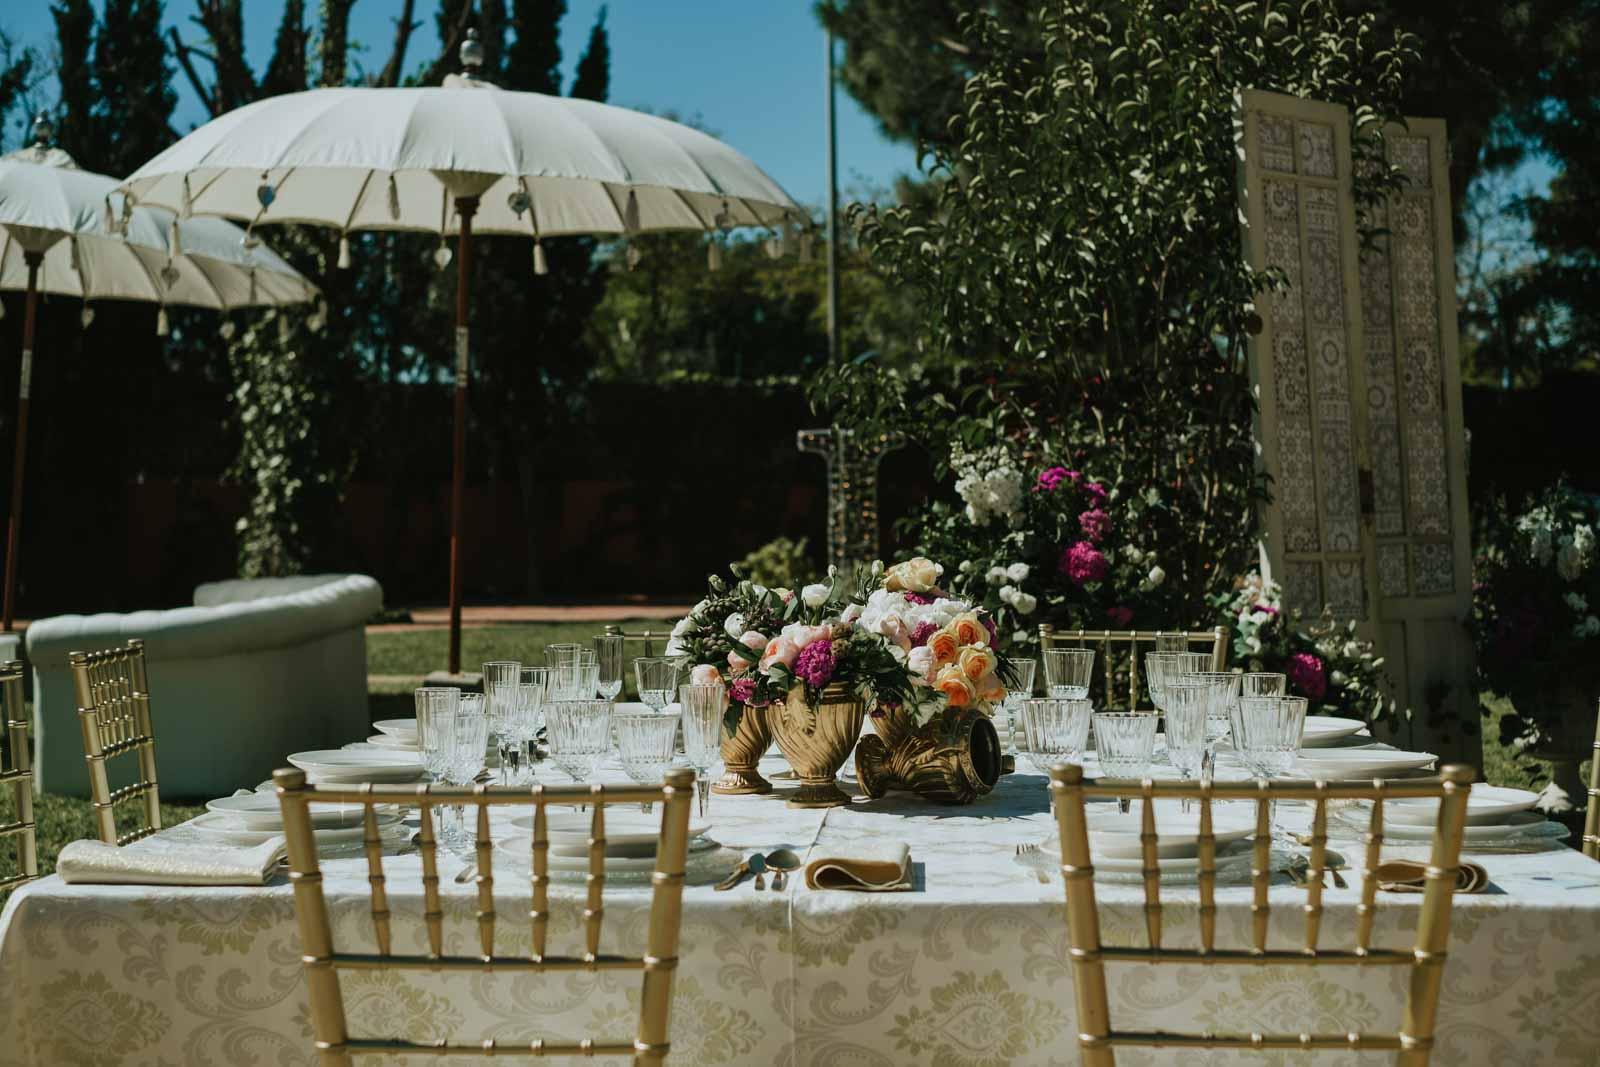 Mesa y decoración para boda en exteriores